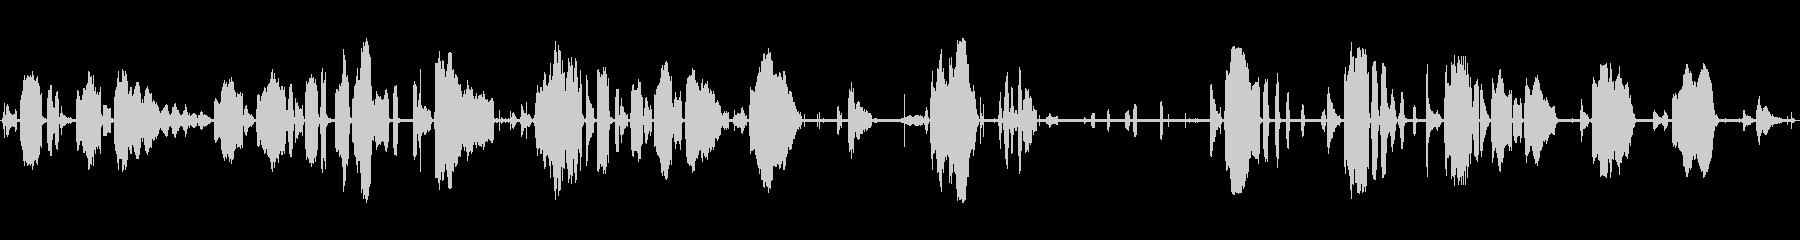 幼児泣きの未再生の波形